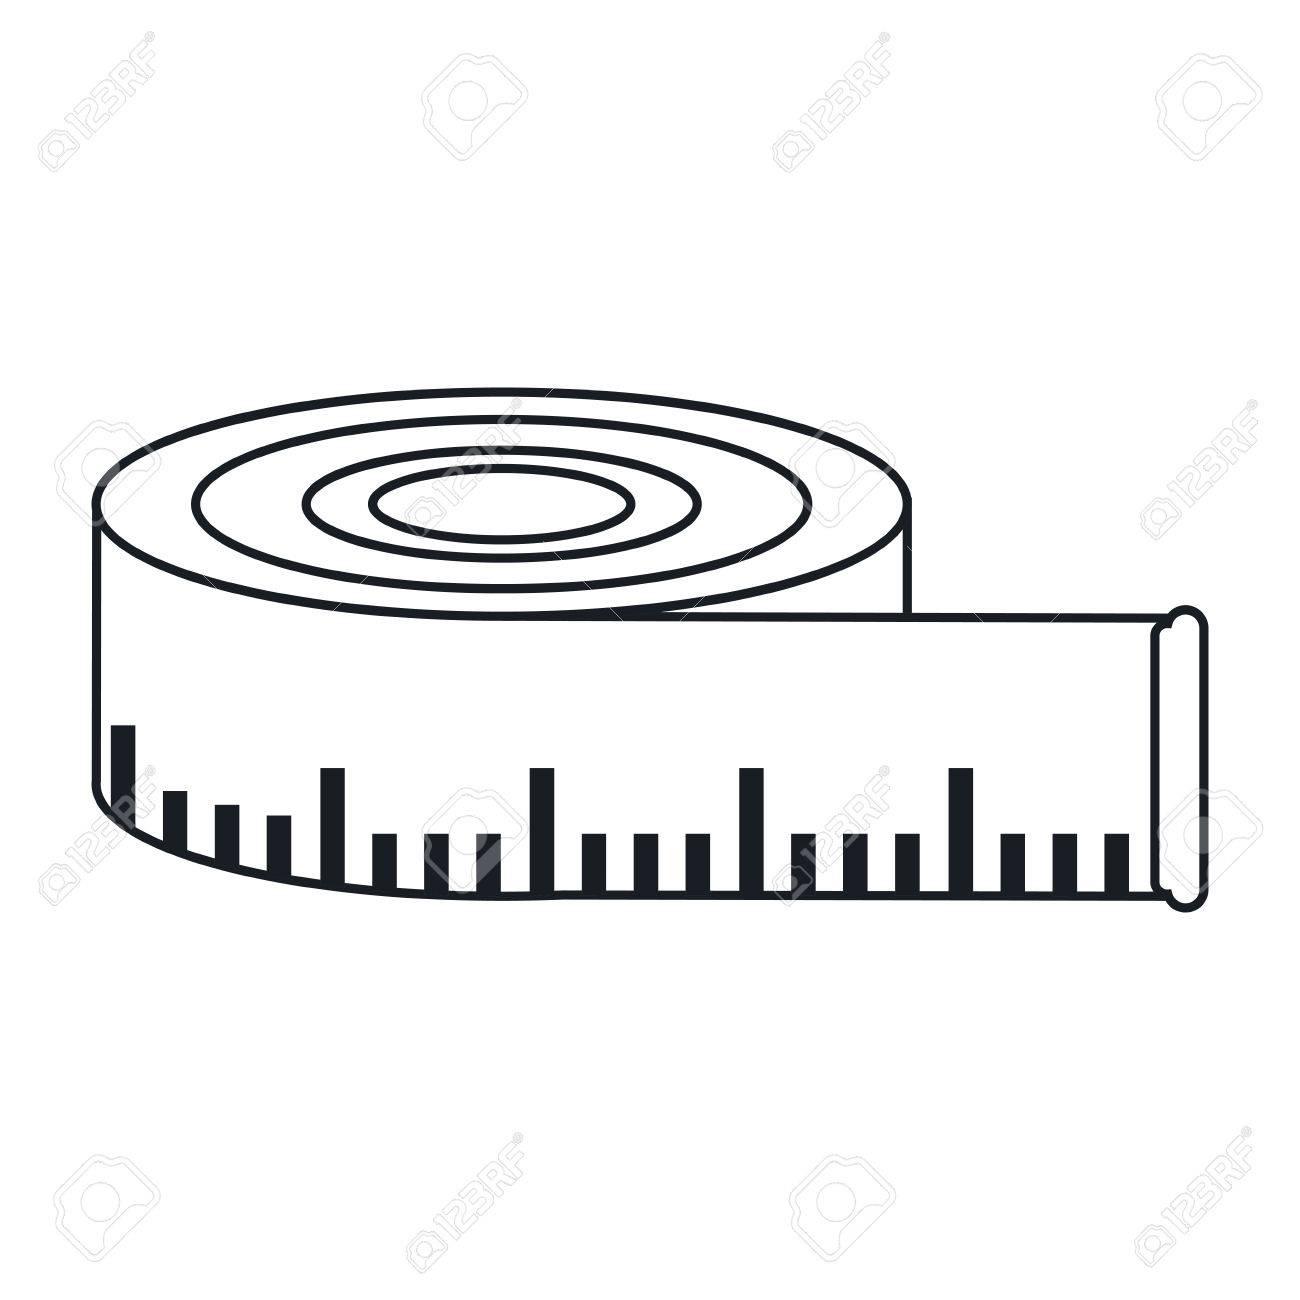 Mètre Ruban Icône Outil De Mesure Et Le Thème De L Instrument Conception Isolée Vector Illustration Clip Art Libres De Droits Vecteurs Et Illustration Image 65134944